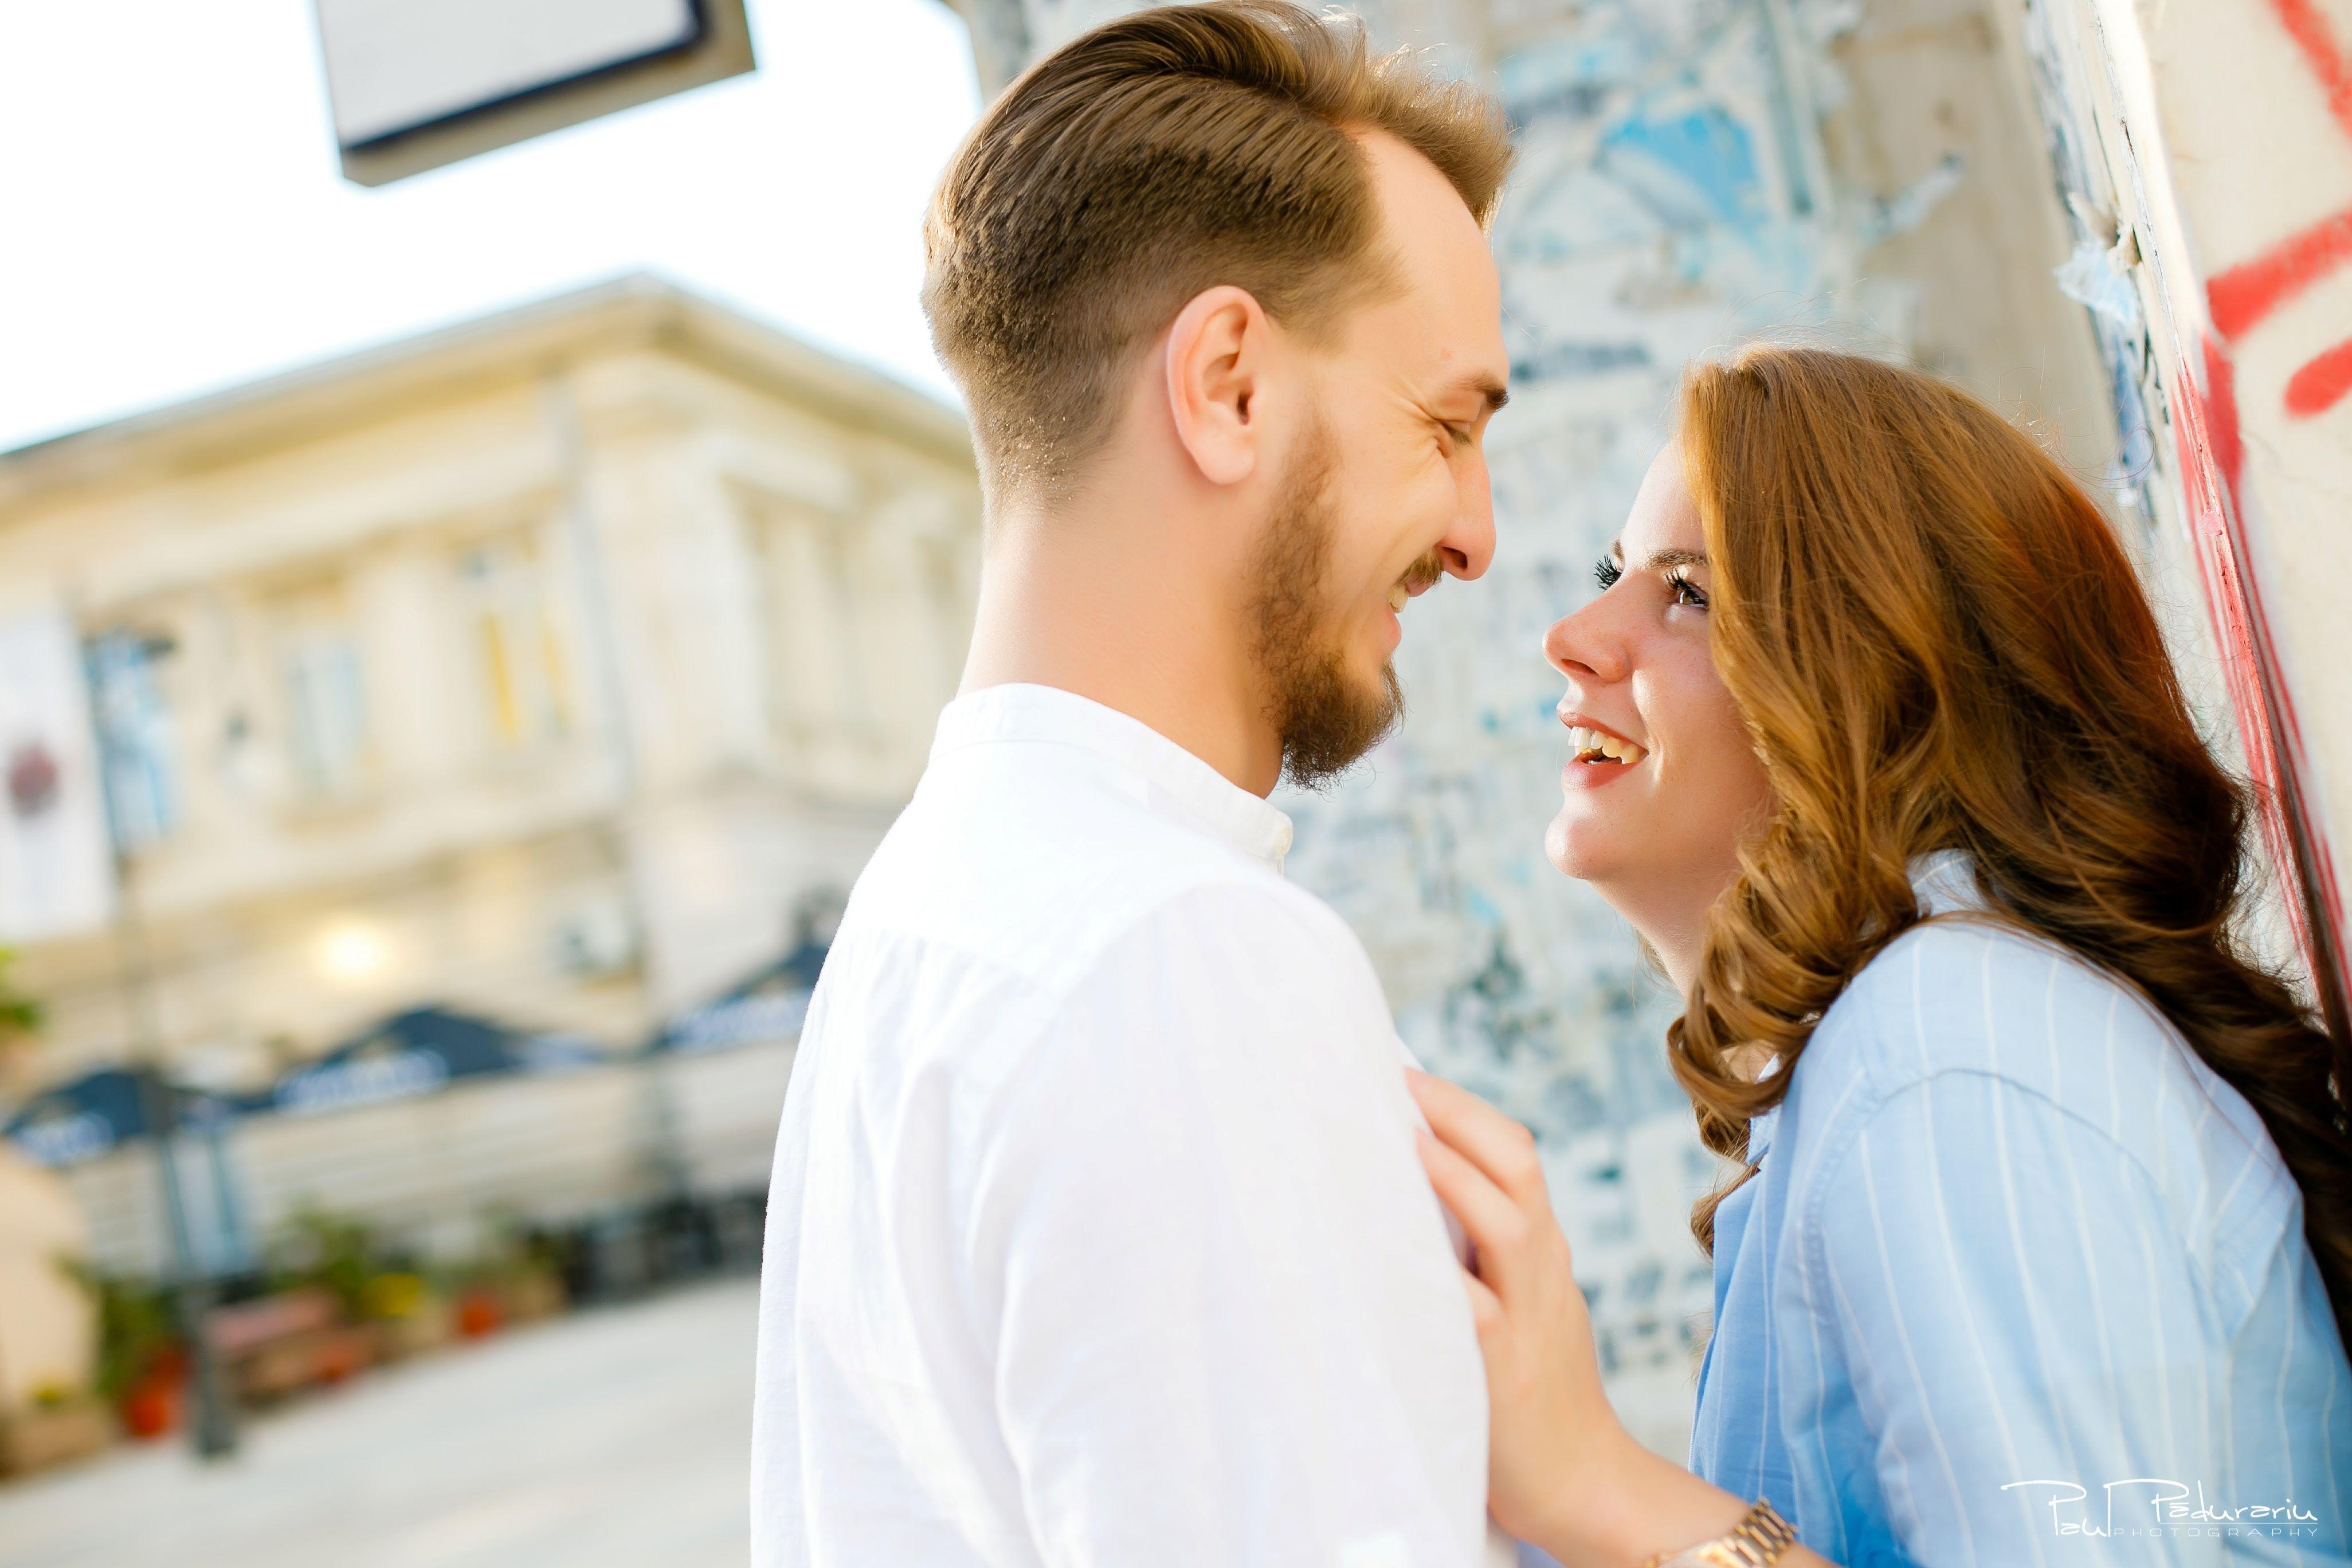 Sedinta foto logodna Marta Mihaita Iasi 2019 - paul padurariu fotograf 7